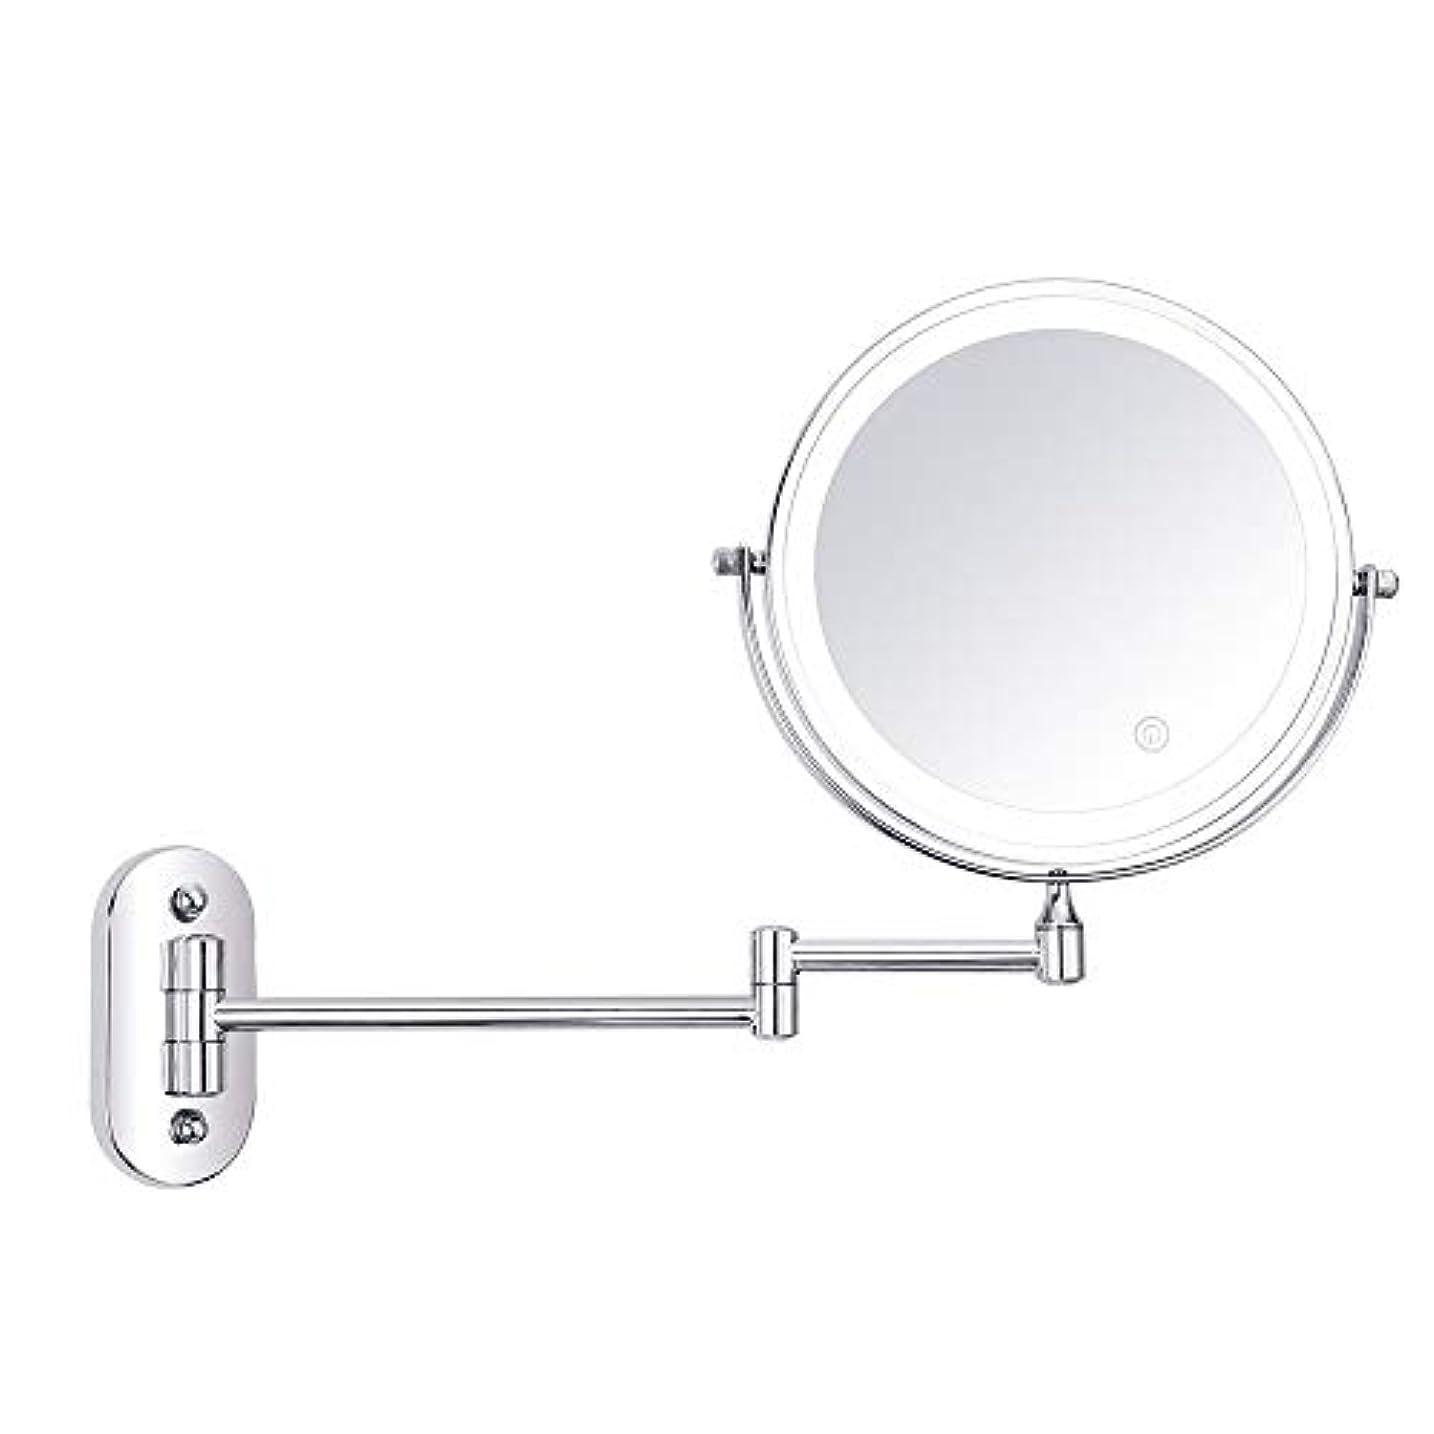 の間でスカート羨望化粧鏡 LED照明壁掛け化粧鏡3倍/ 5倍/ 7倍/ 10倍倍率8インチ両面回転タッチスクリーンバニティミラー拡張可能 浴室のシャワー旅行 (色 : 銀, サイズ : 10X)